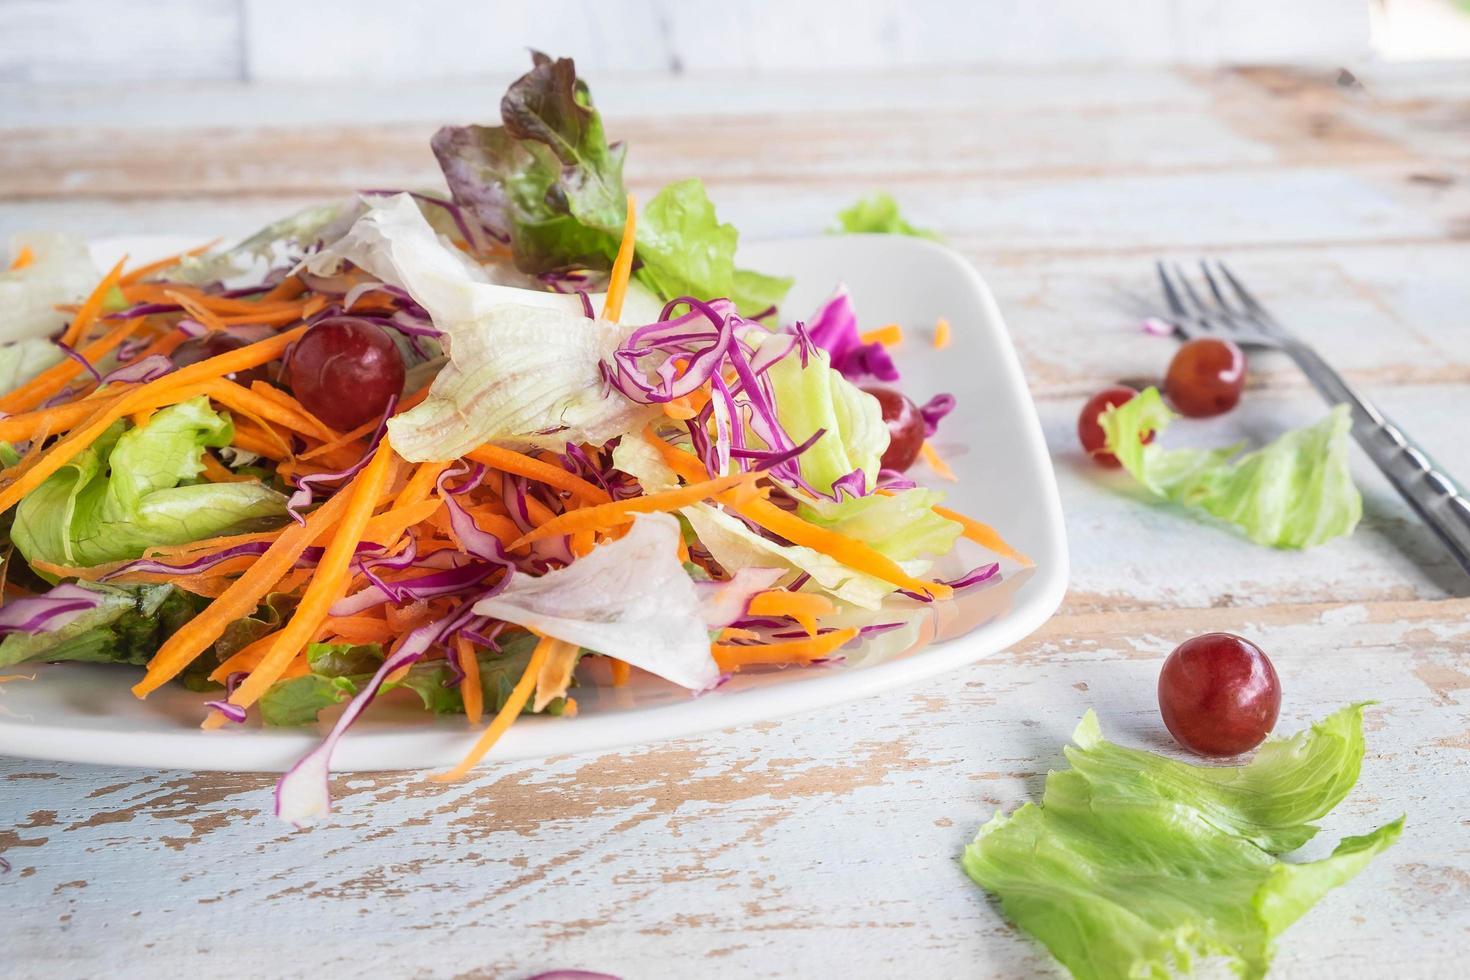 Ensalada de verduras en la mesa de madera foto